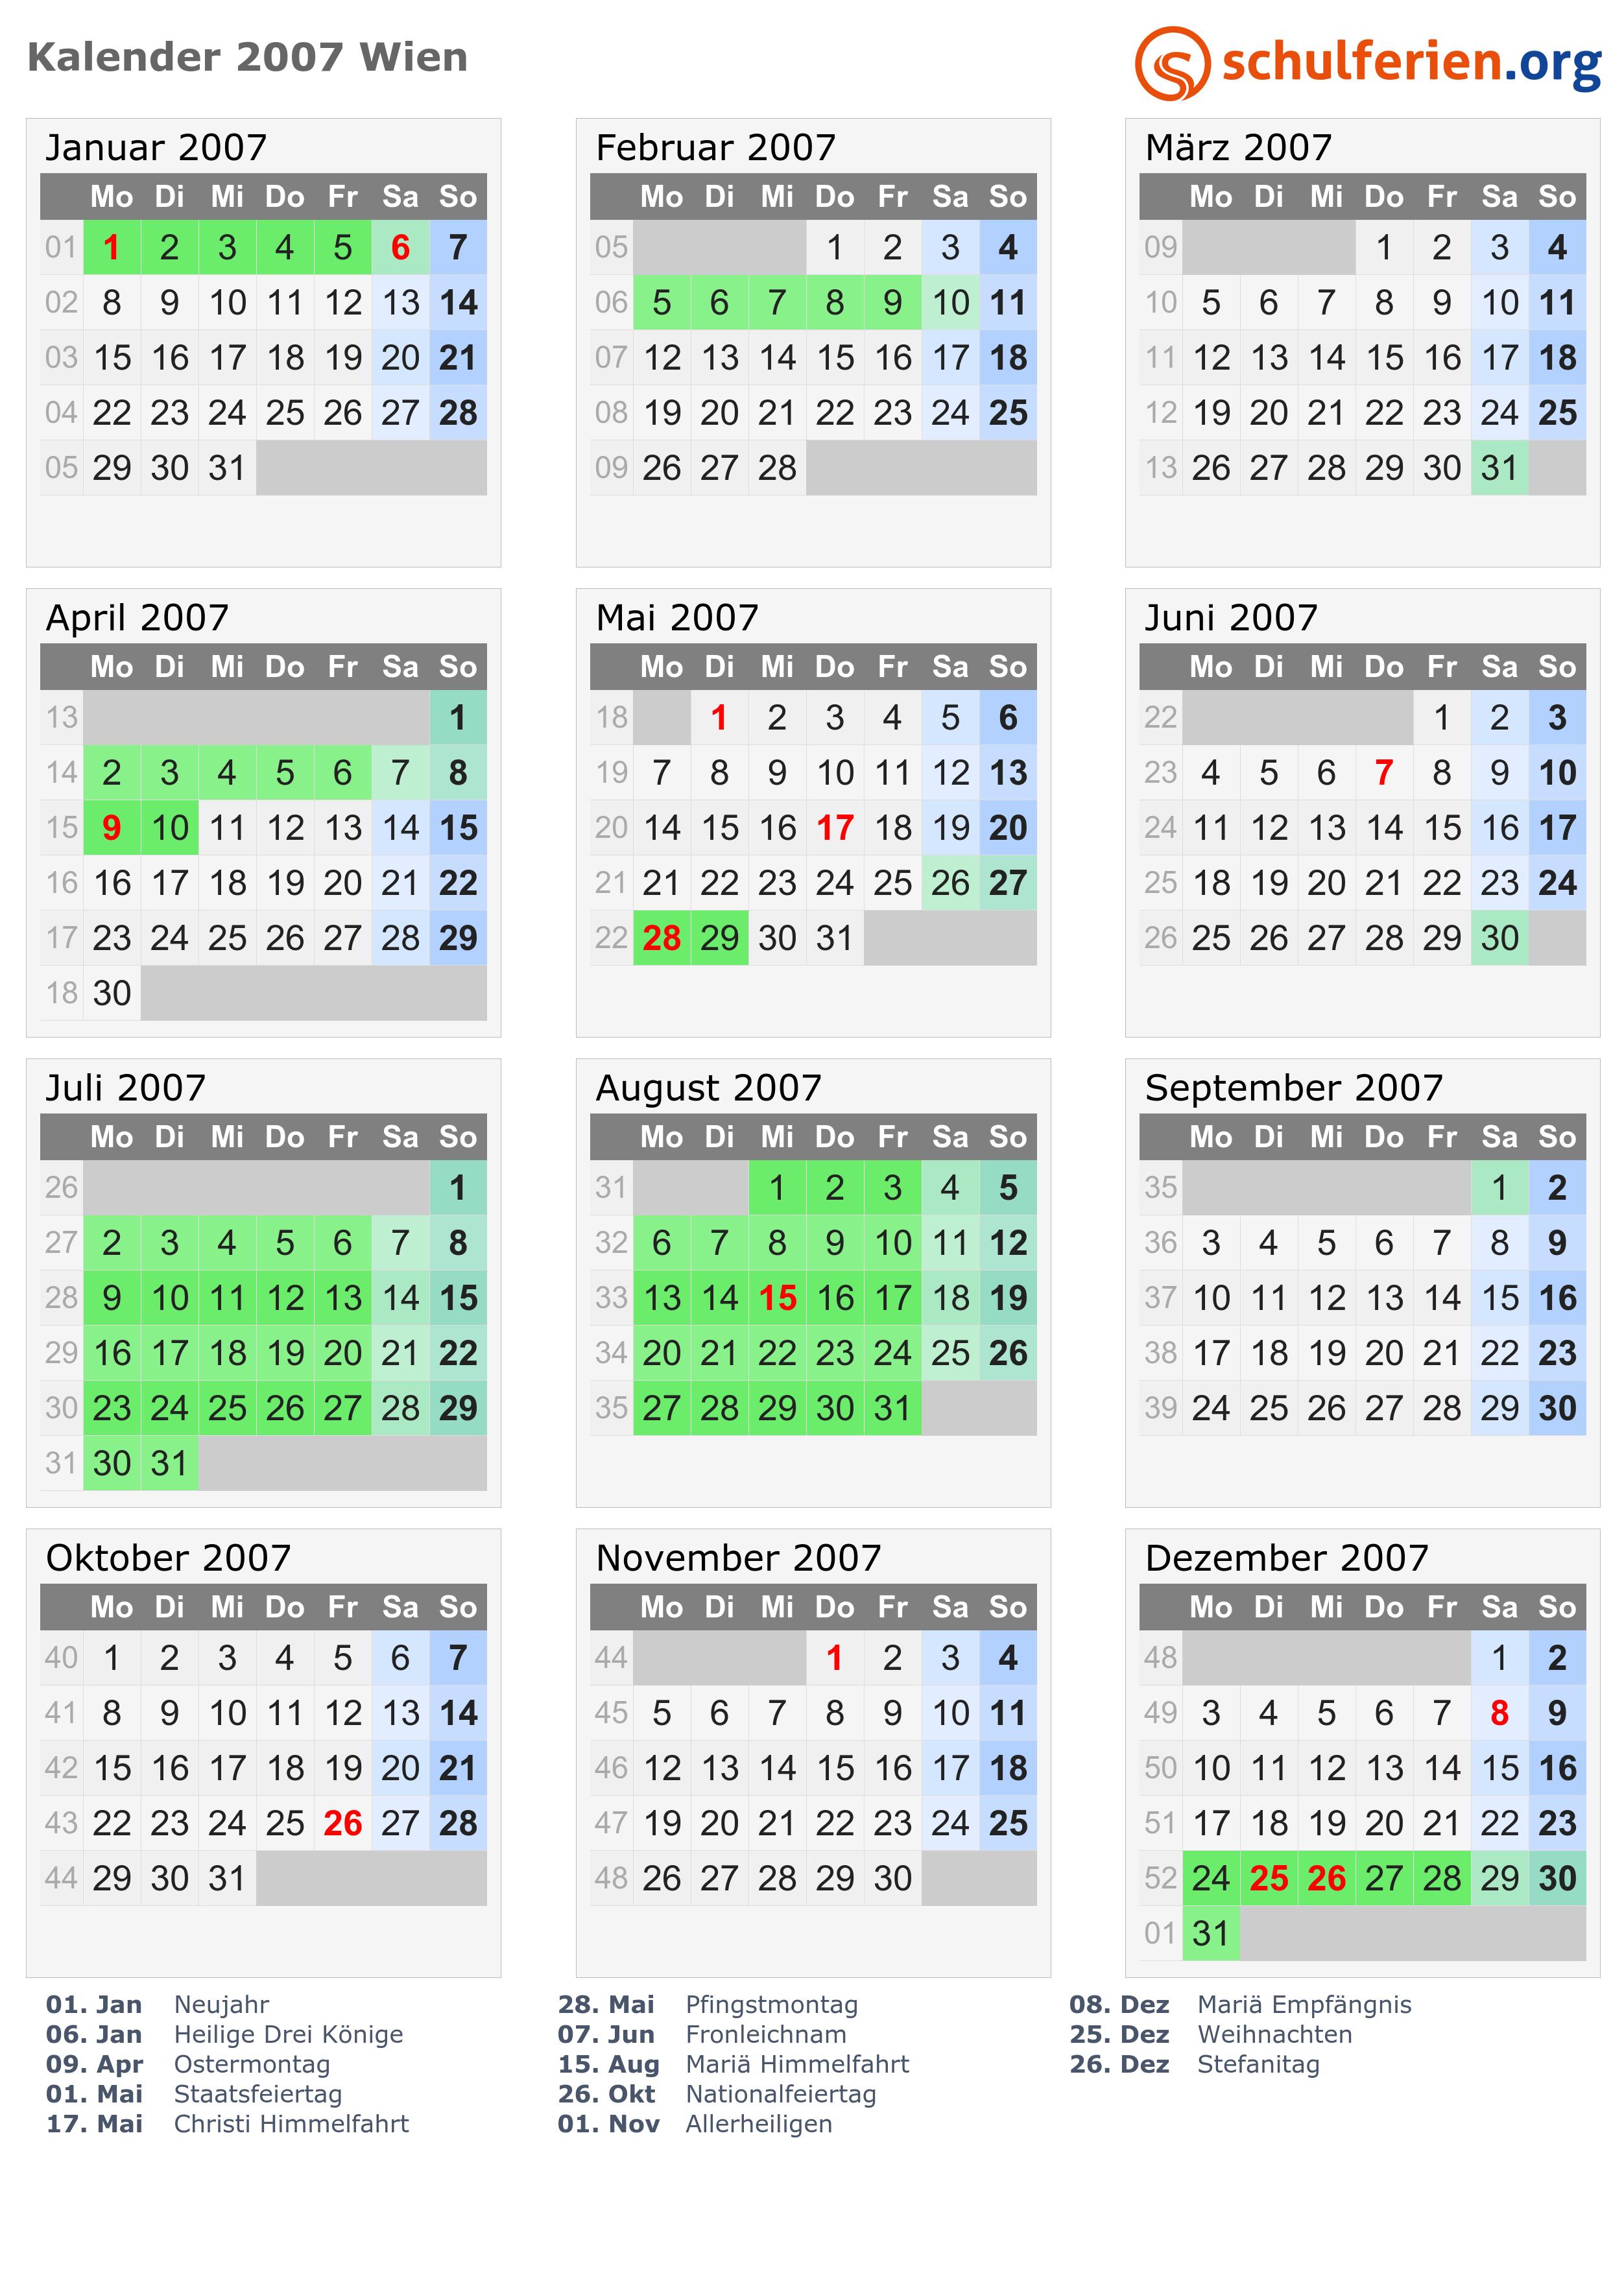 Kalender 2007 Wien